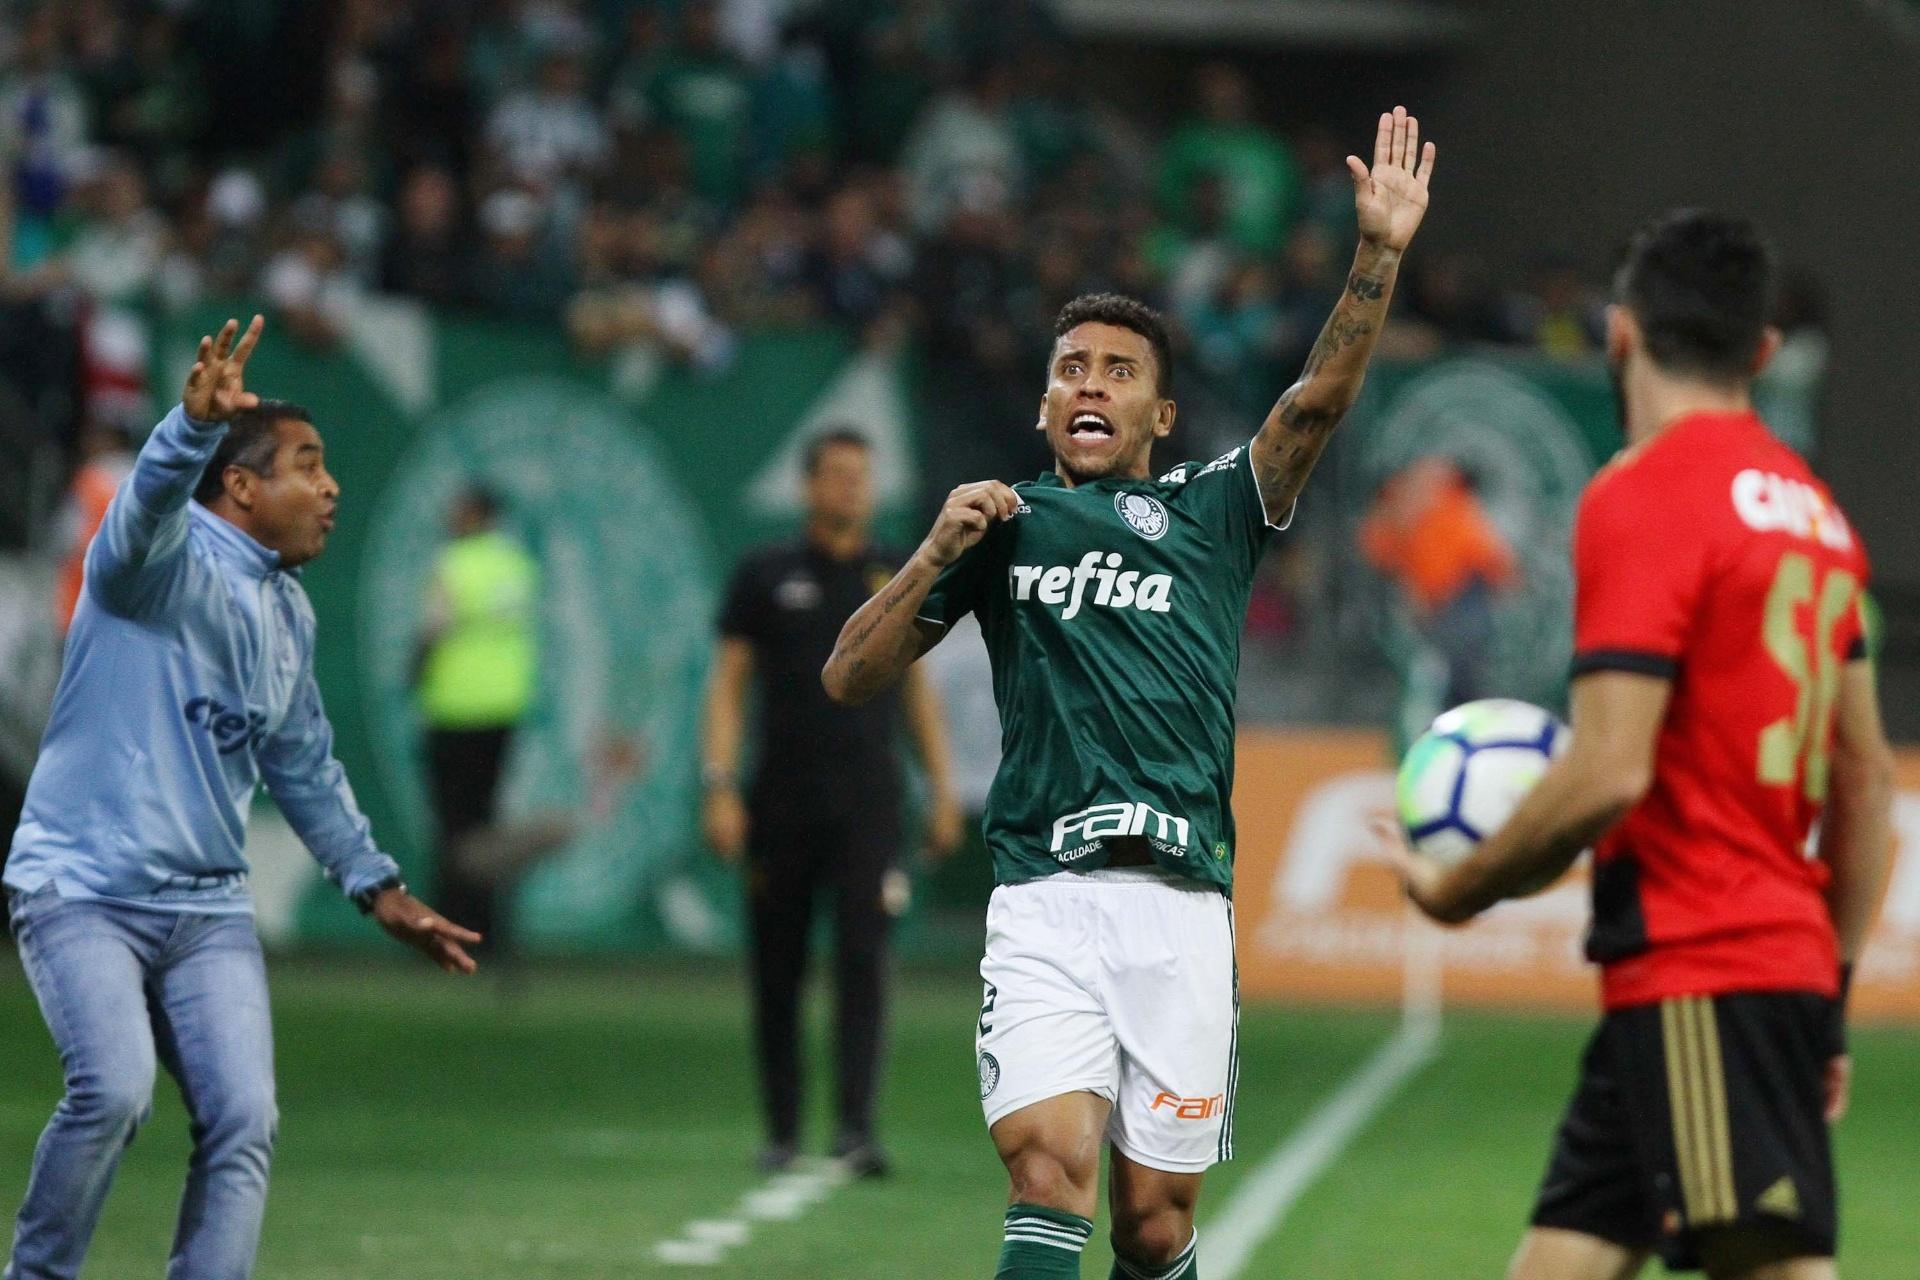 c2504034ae Grêmio espera resolver situação de Léo Moura para investir em Marcos Rocha  - 14 12 2018 - UOL Esporte